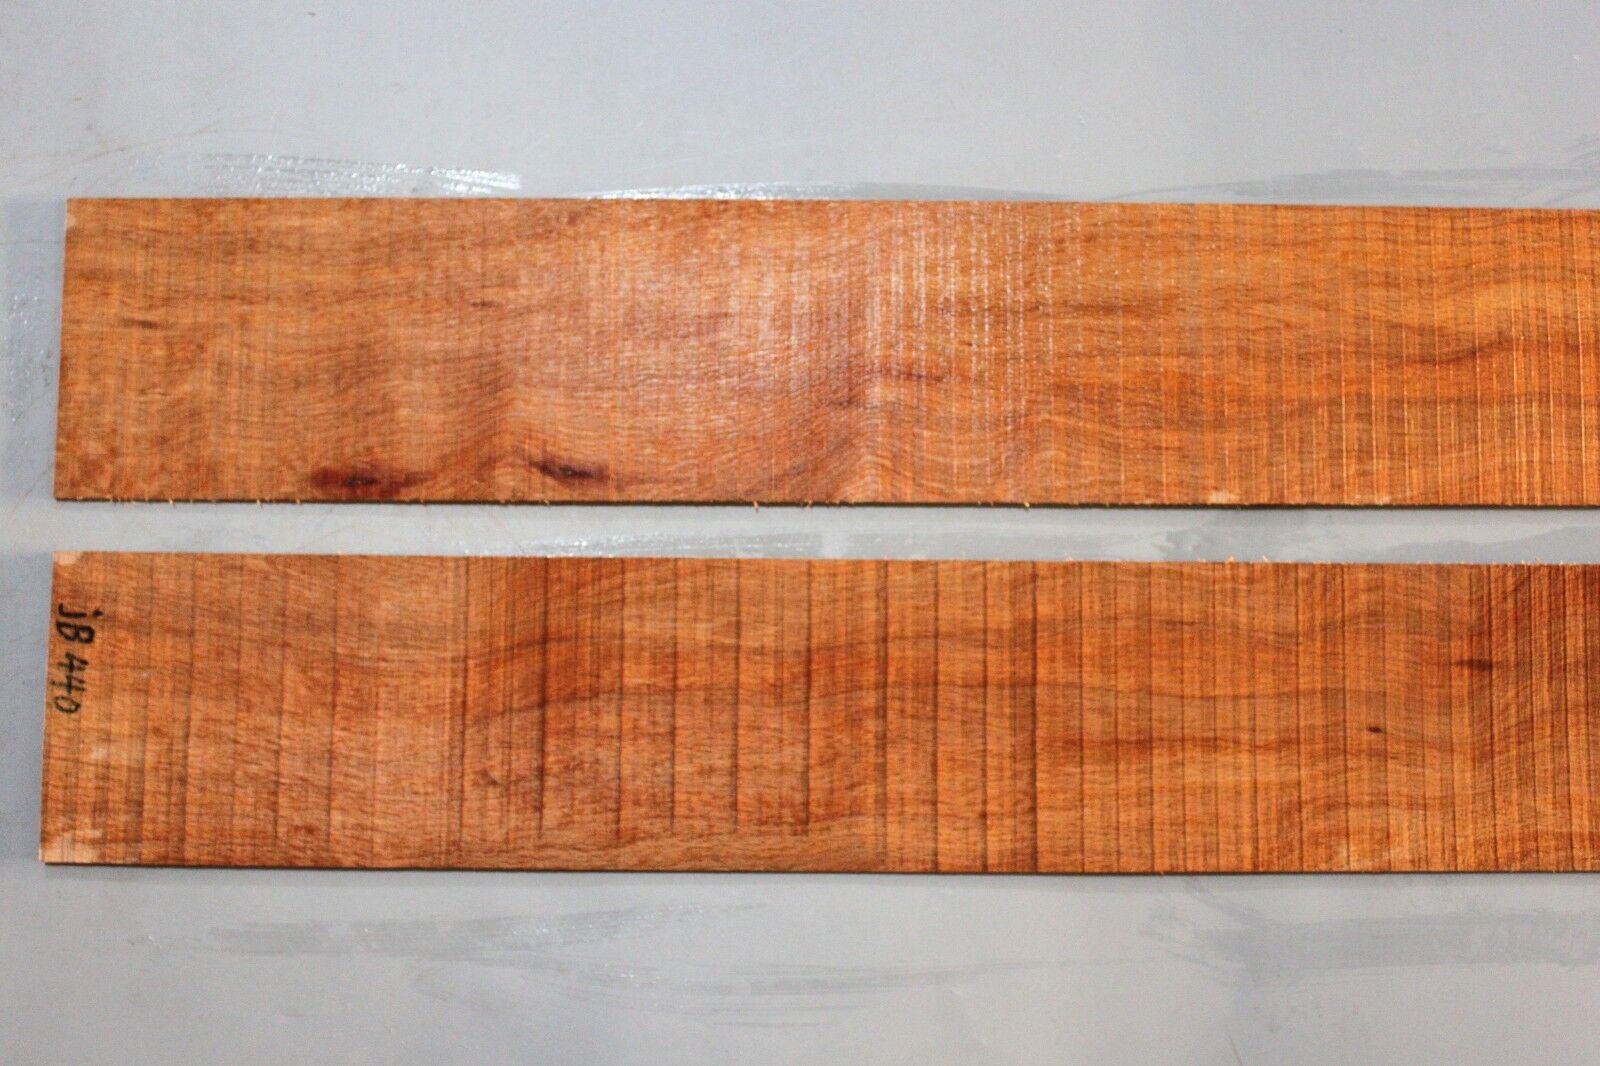 JB340 conjunto de los los los lados de ondulación de Arce tonewood Guitarra Acústica Supply 33 x4.55 x0.15  f6c3d8